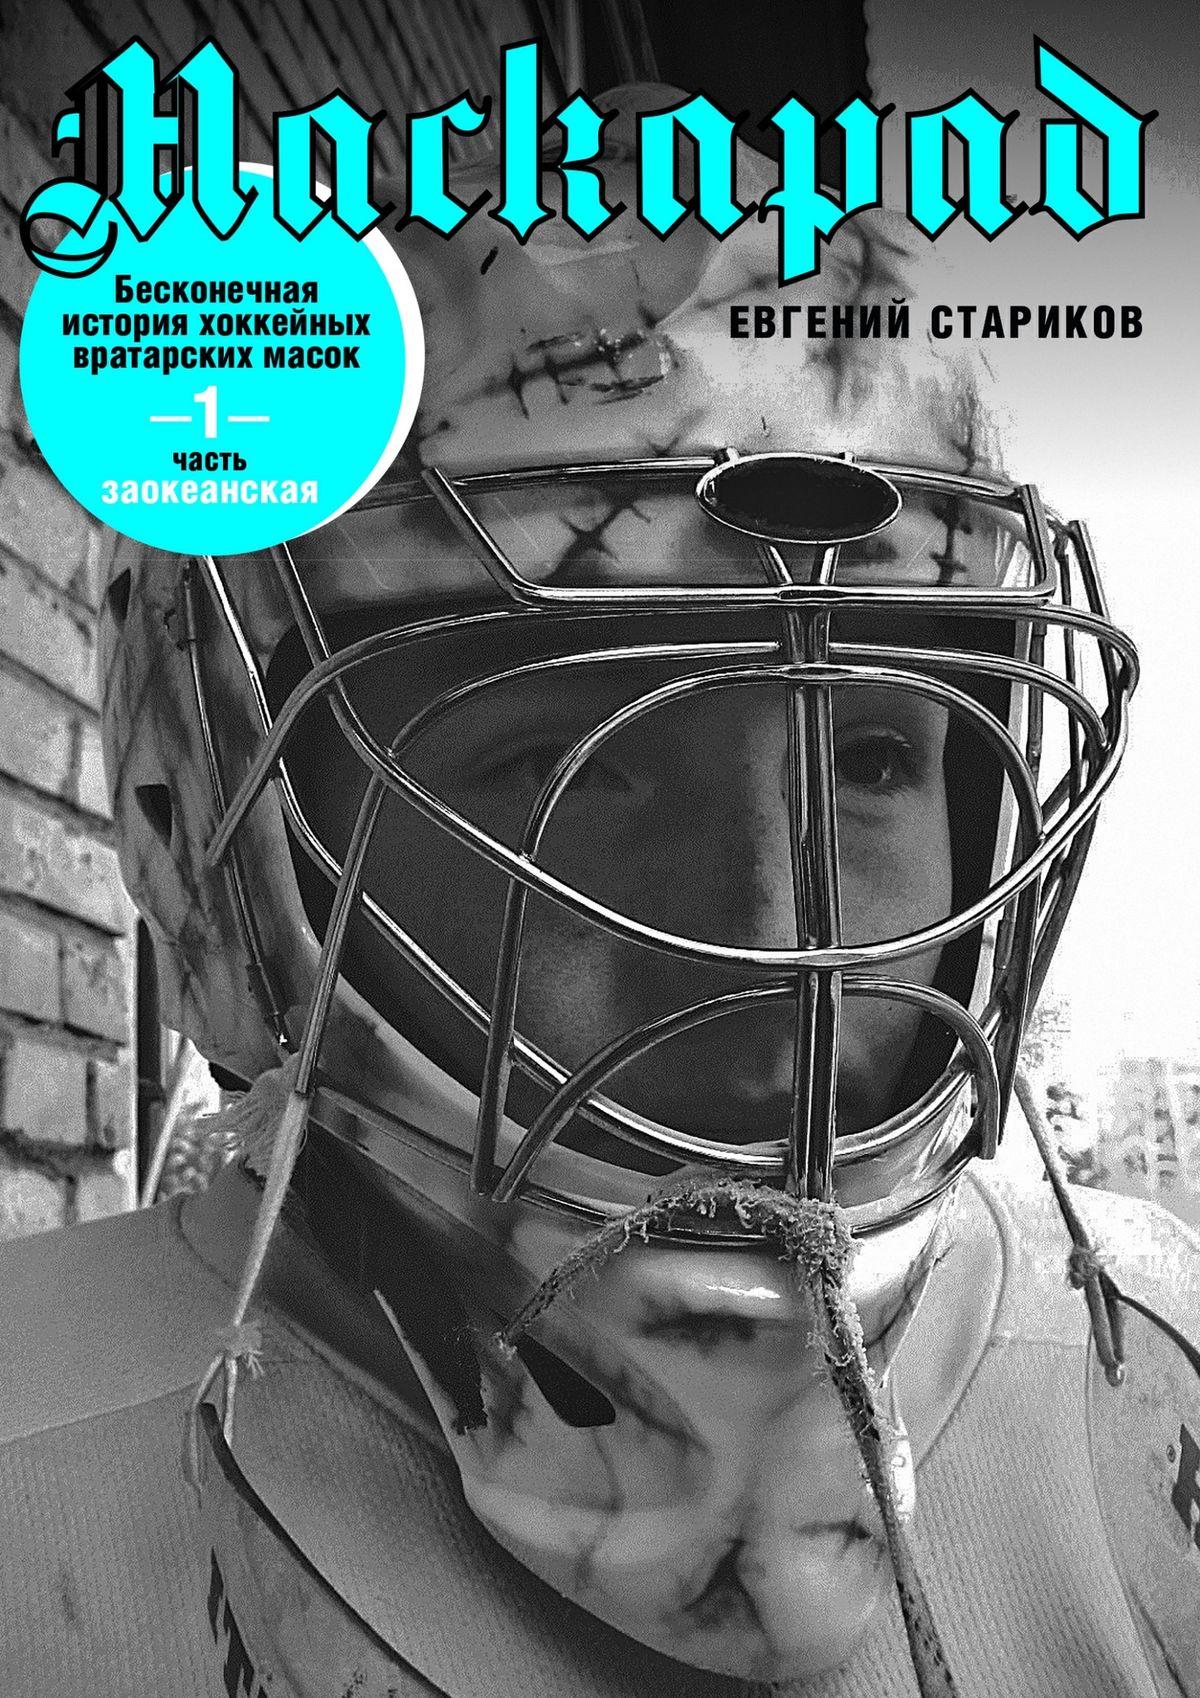 Маскарад. Бесконечная история хоккейных вратарских масок. Часть 1